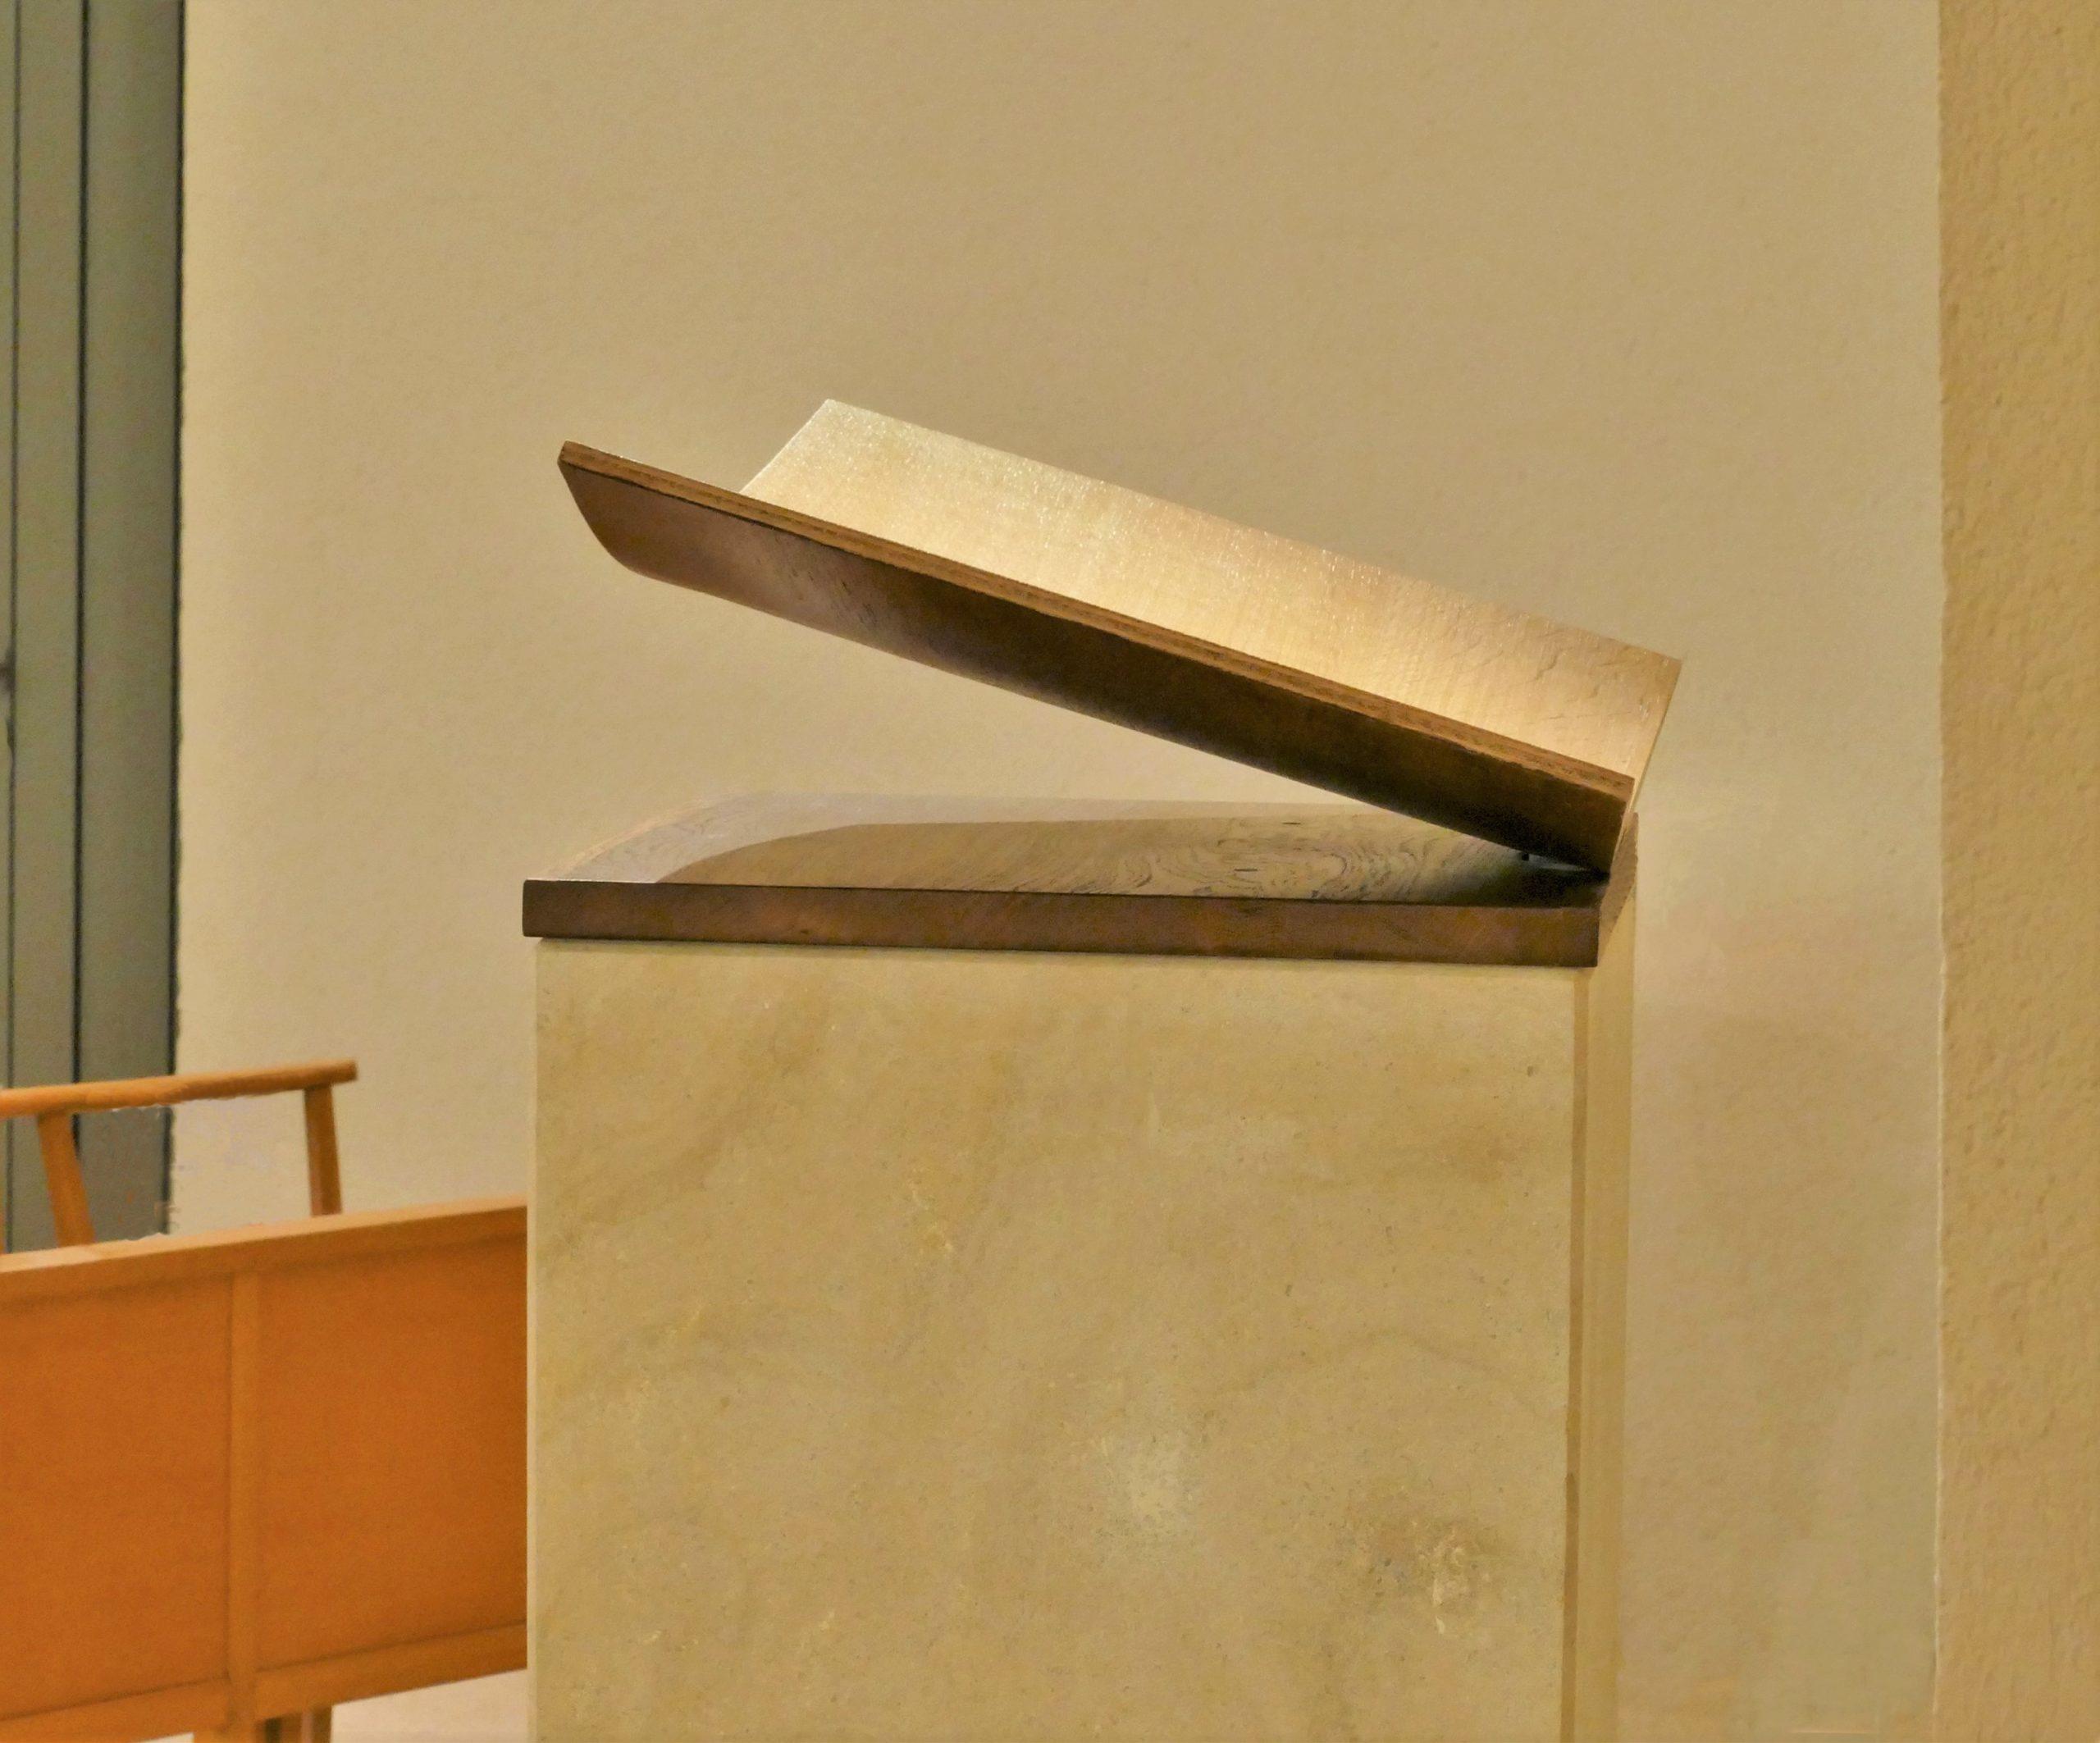 Pupitre Livre ouvert – Eglise Sainte Jeanne d'Arc, Montpellier